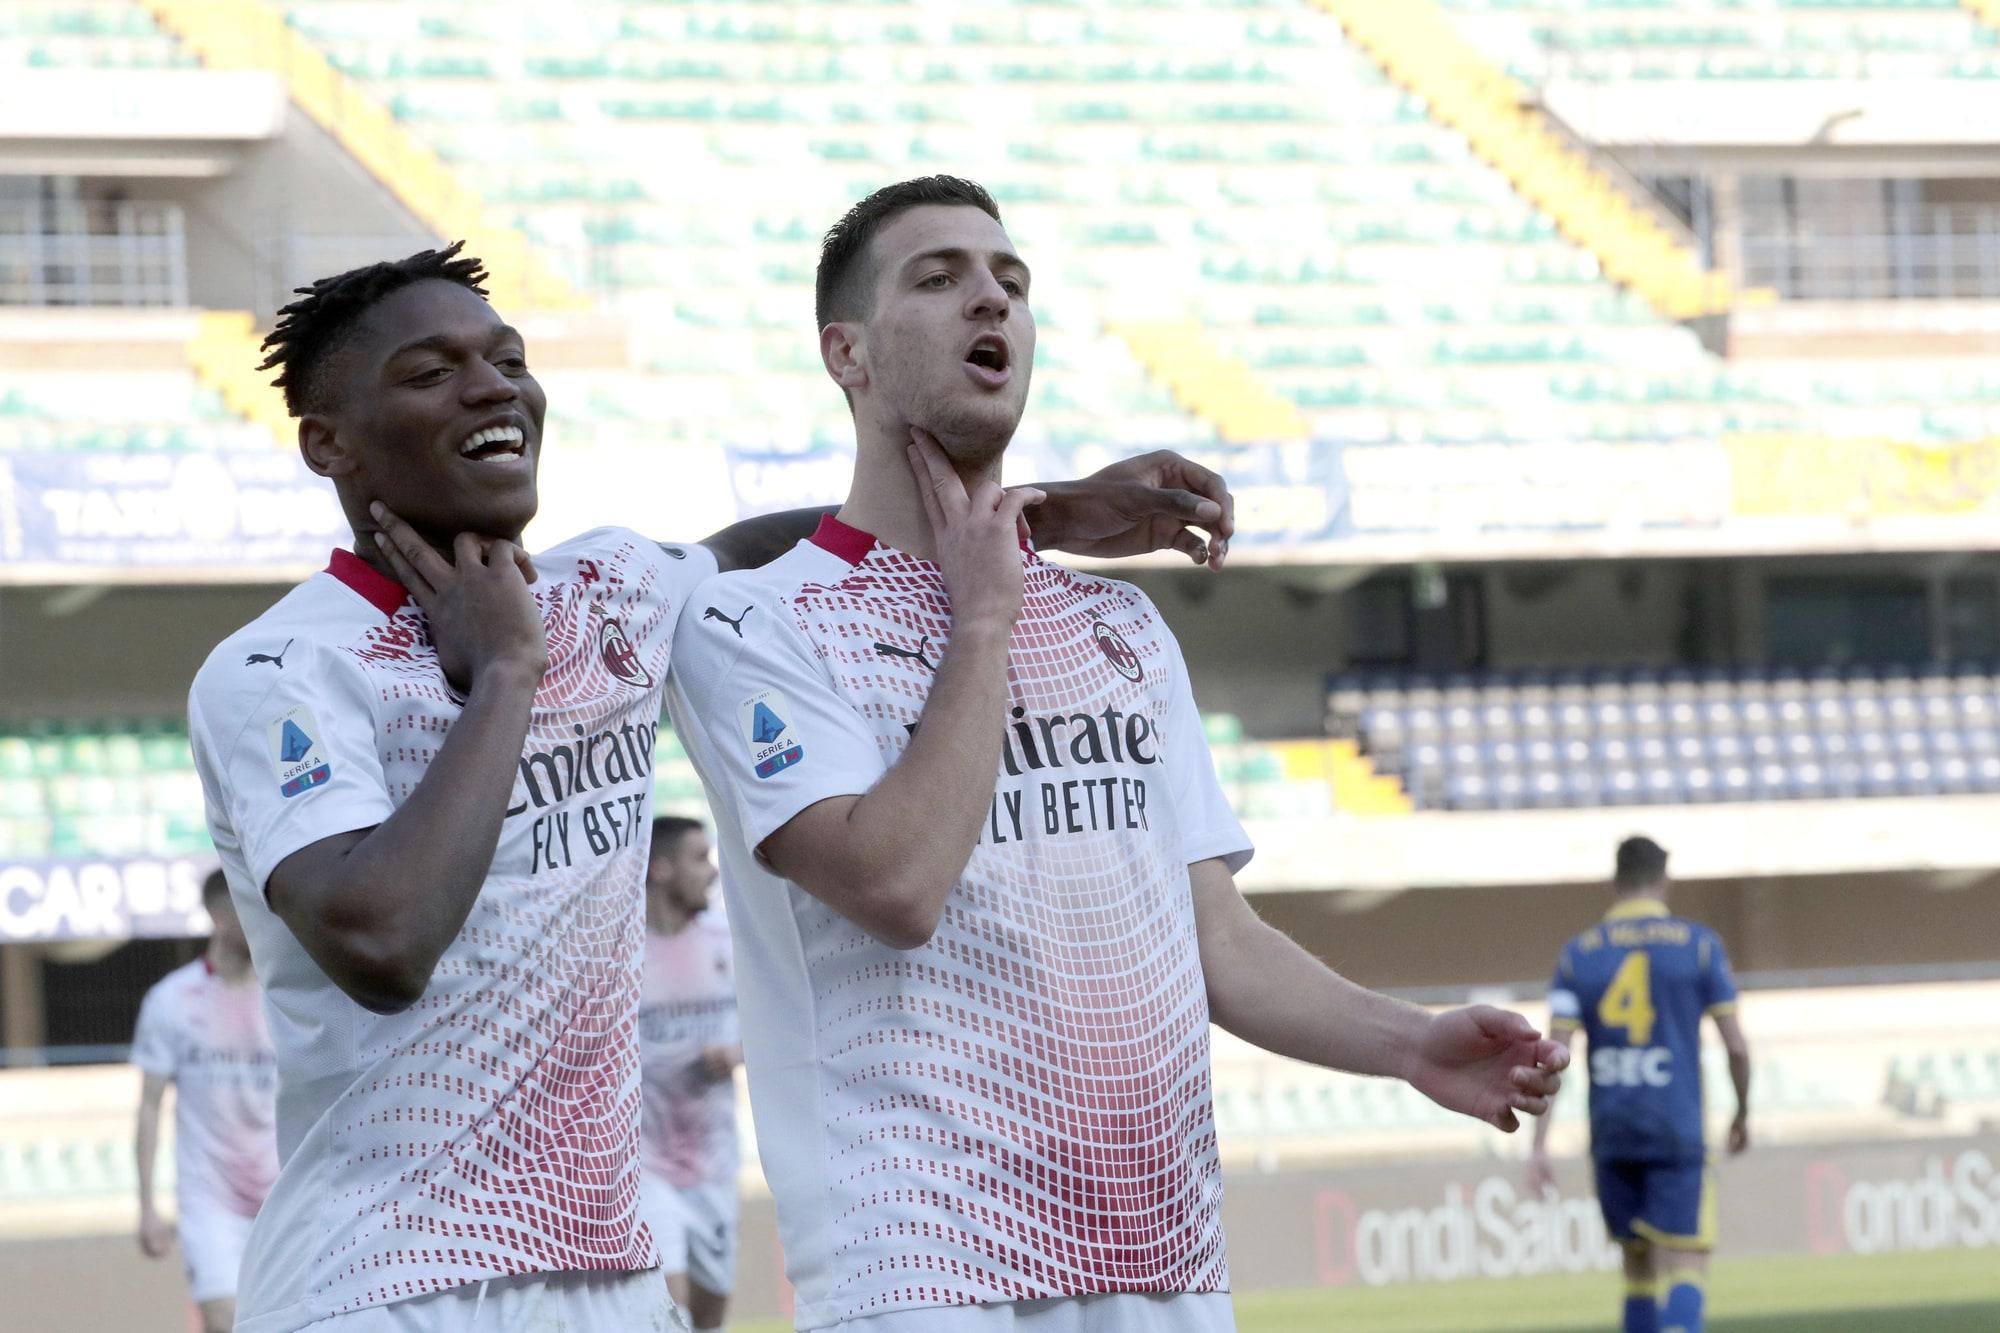 Il Milan torna a volare con due gioielli di Krunic e Dalot